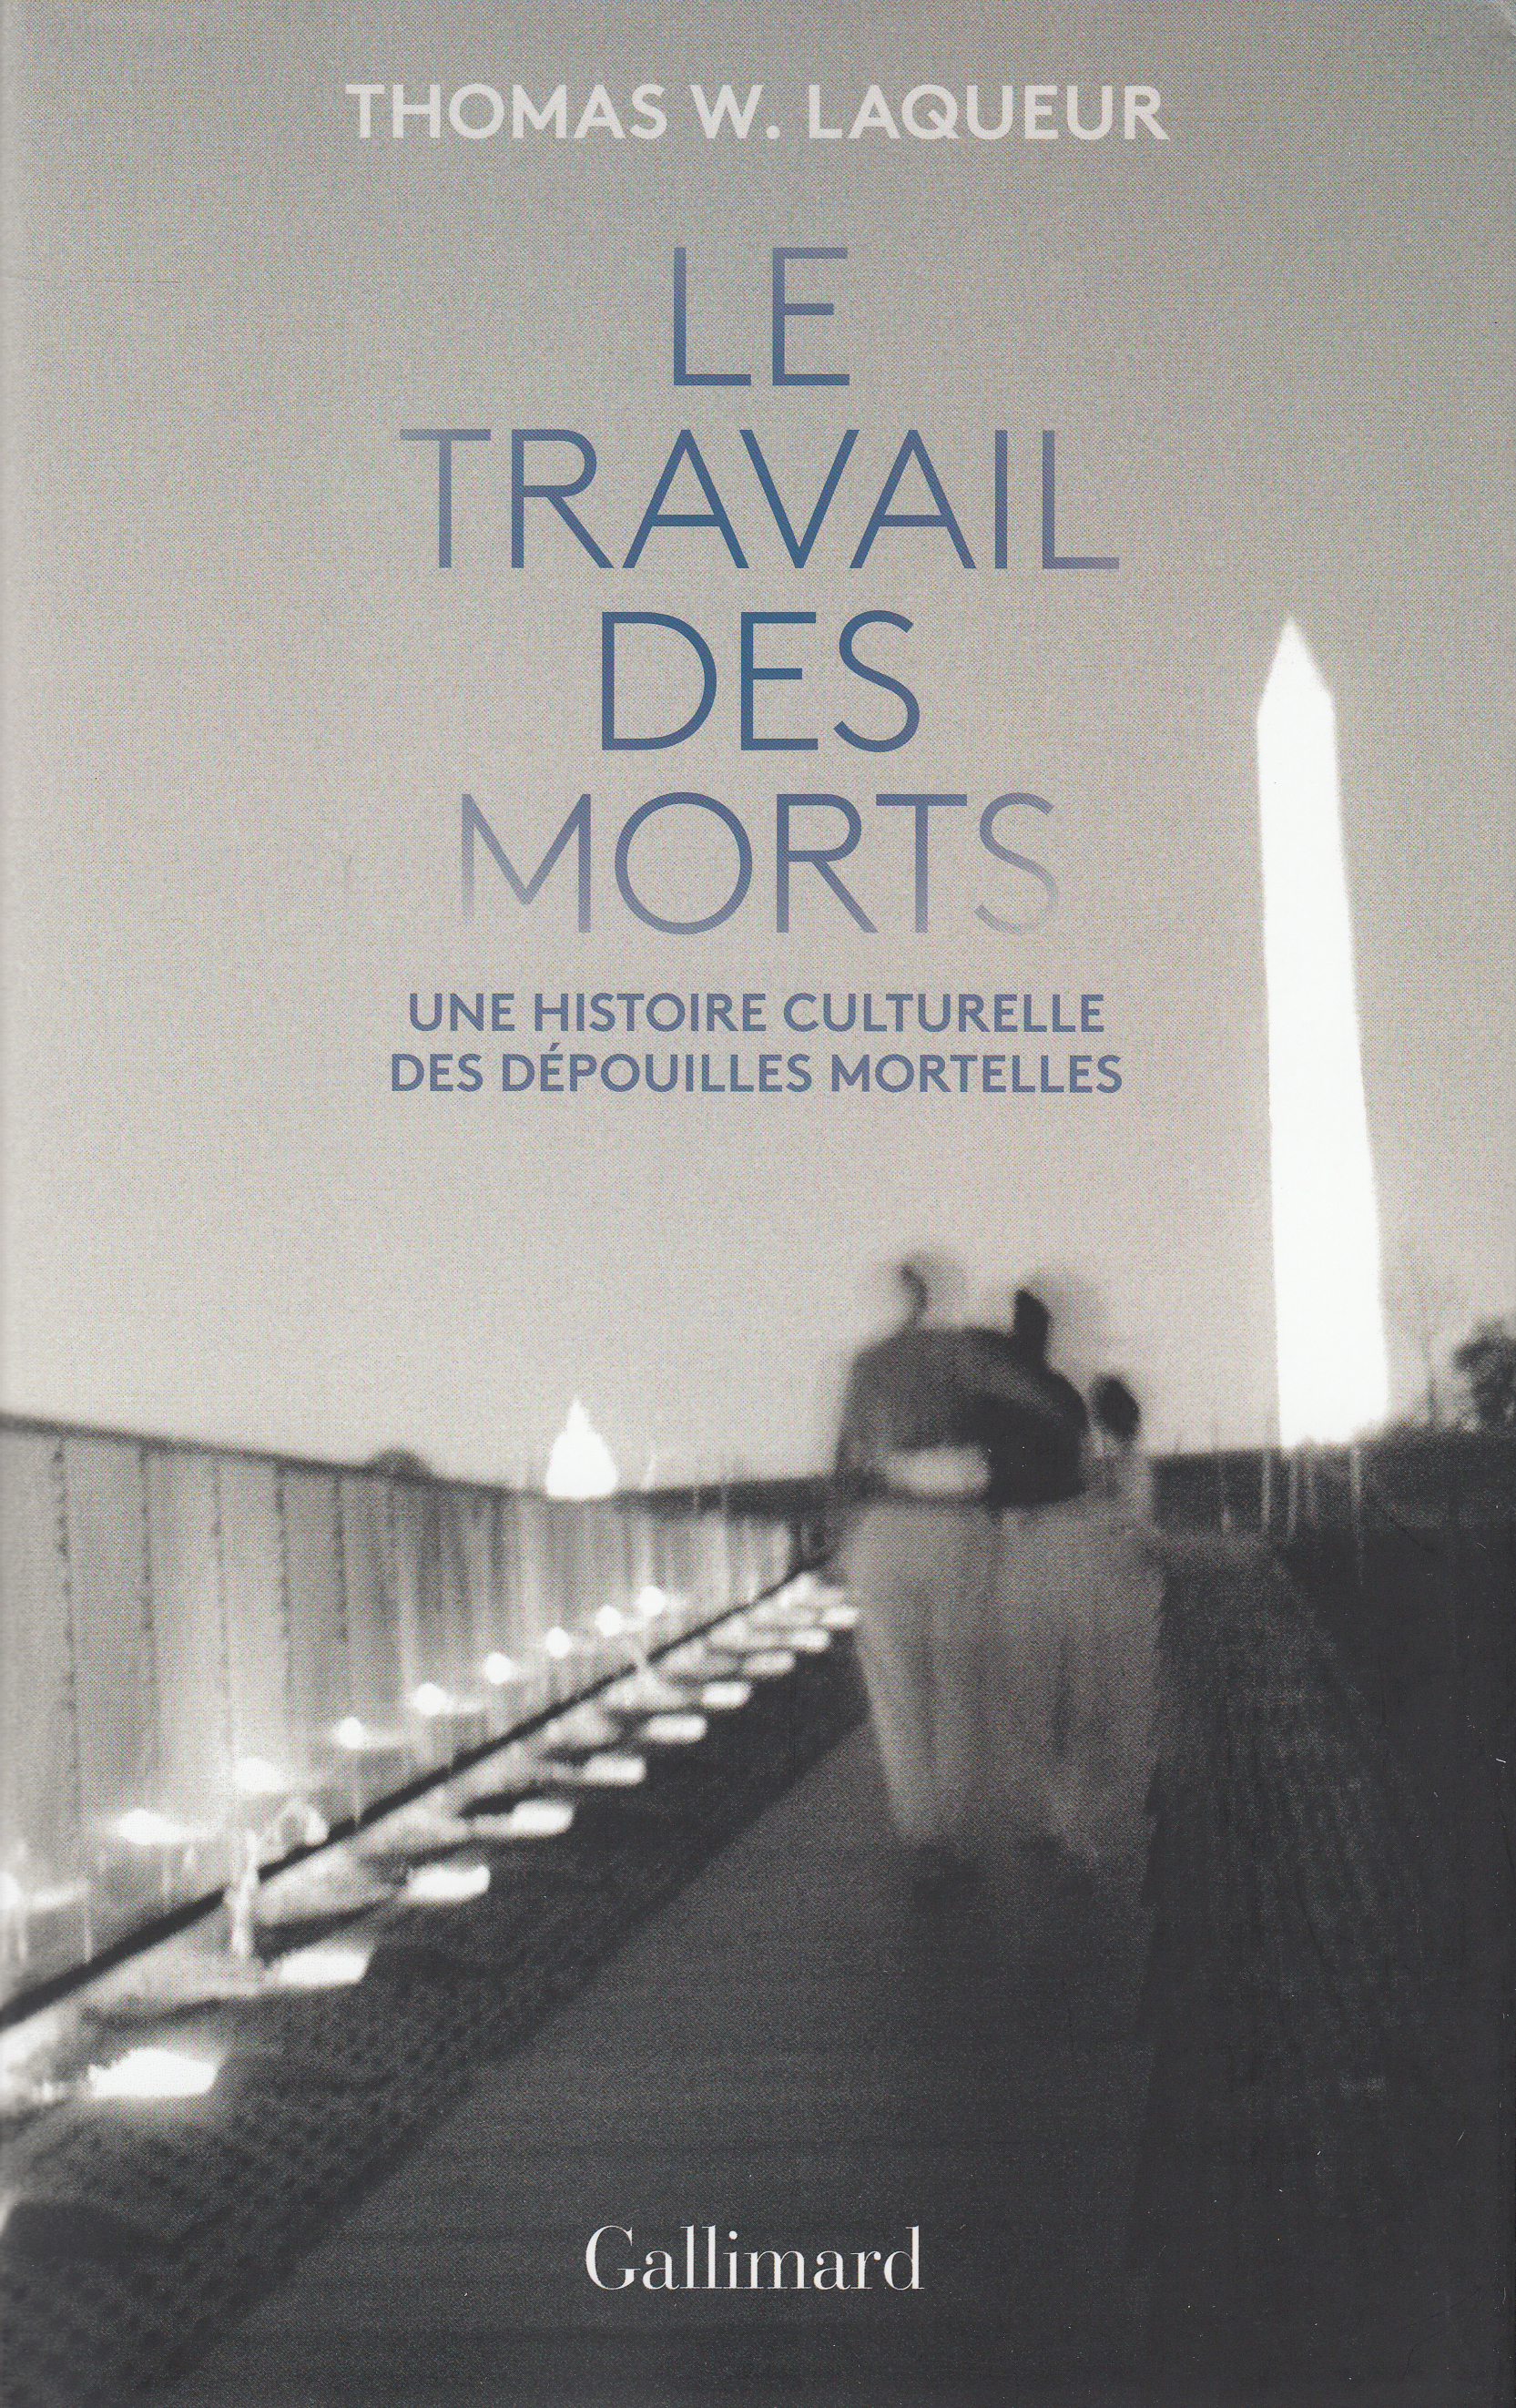 LE TRAVAIL DES MORTS - UNE HISTOIRE CULTURELLE DES DEPOUILLES MORTELLES